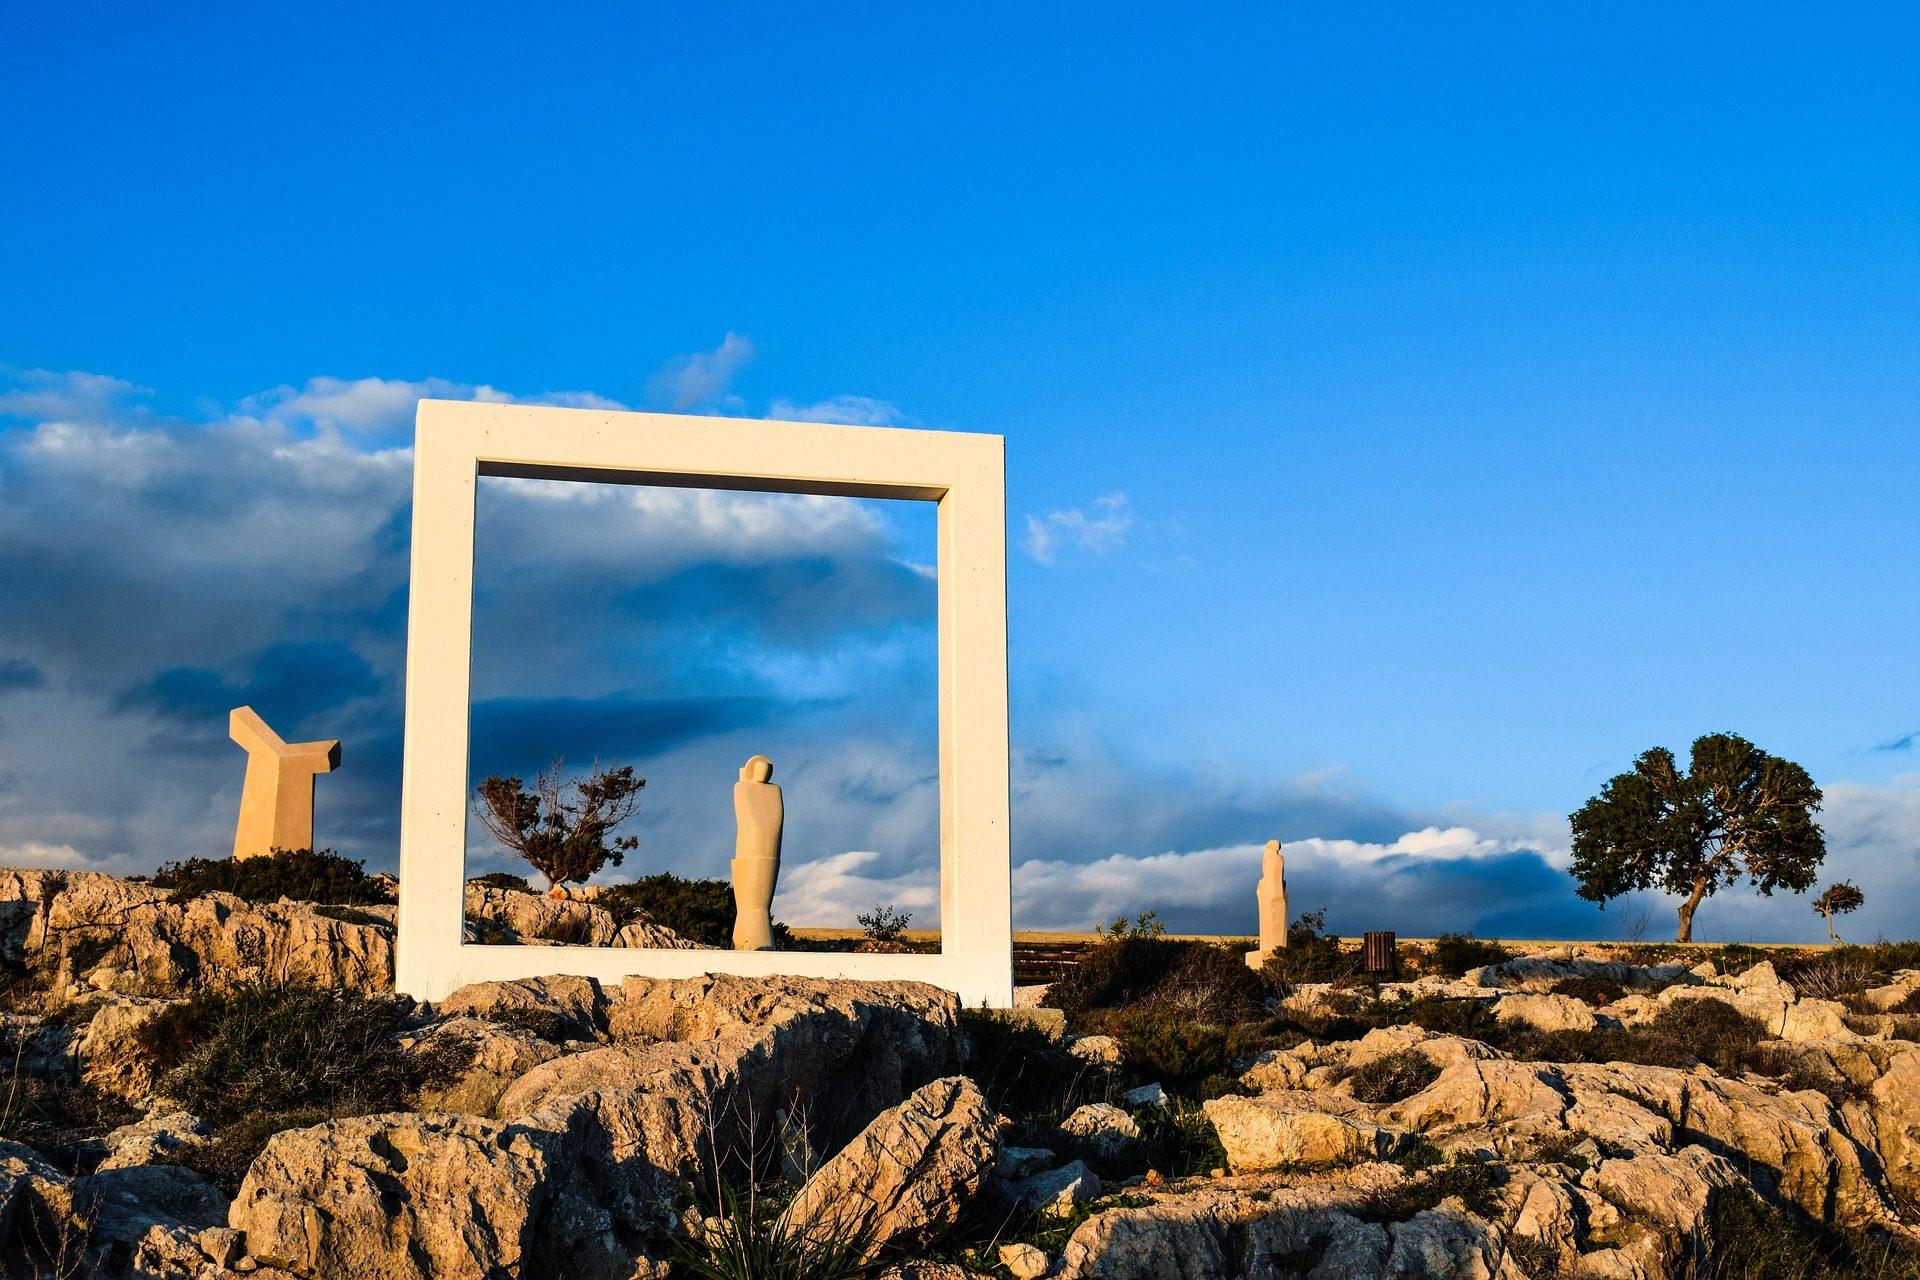 γλυπτά, Πάρκο, αγάλματα, Αγία Νάπα, Κύπρος - Wallpapers HD - Professor-falken.com